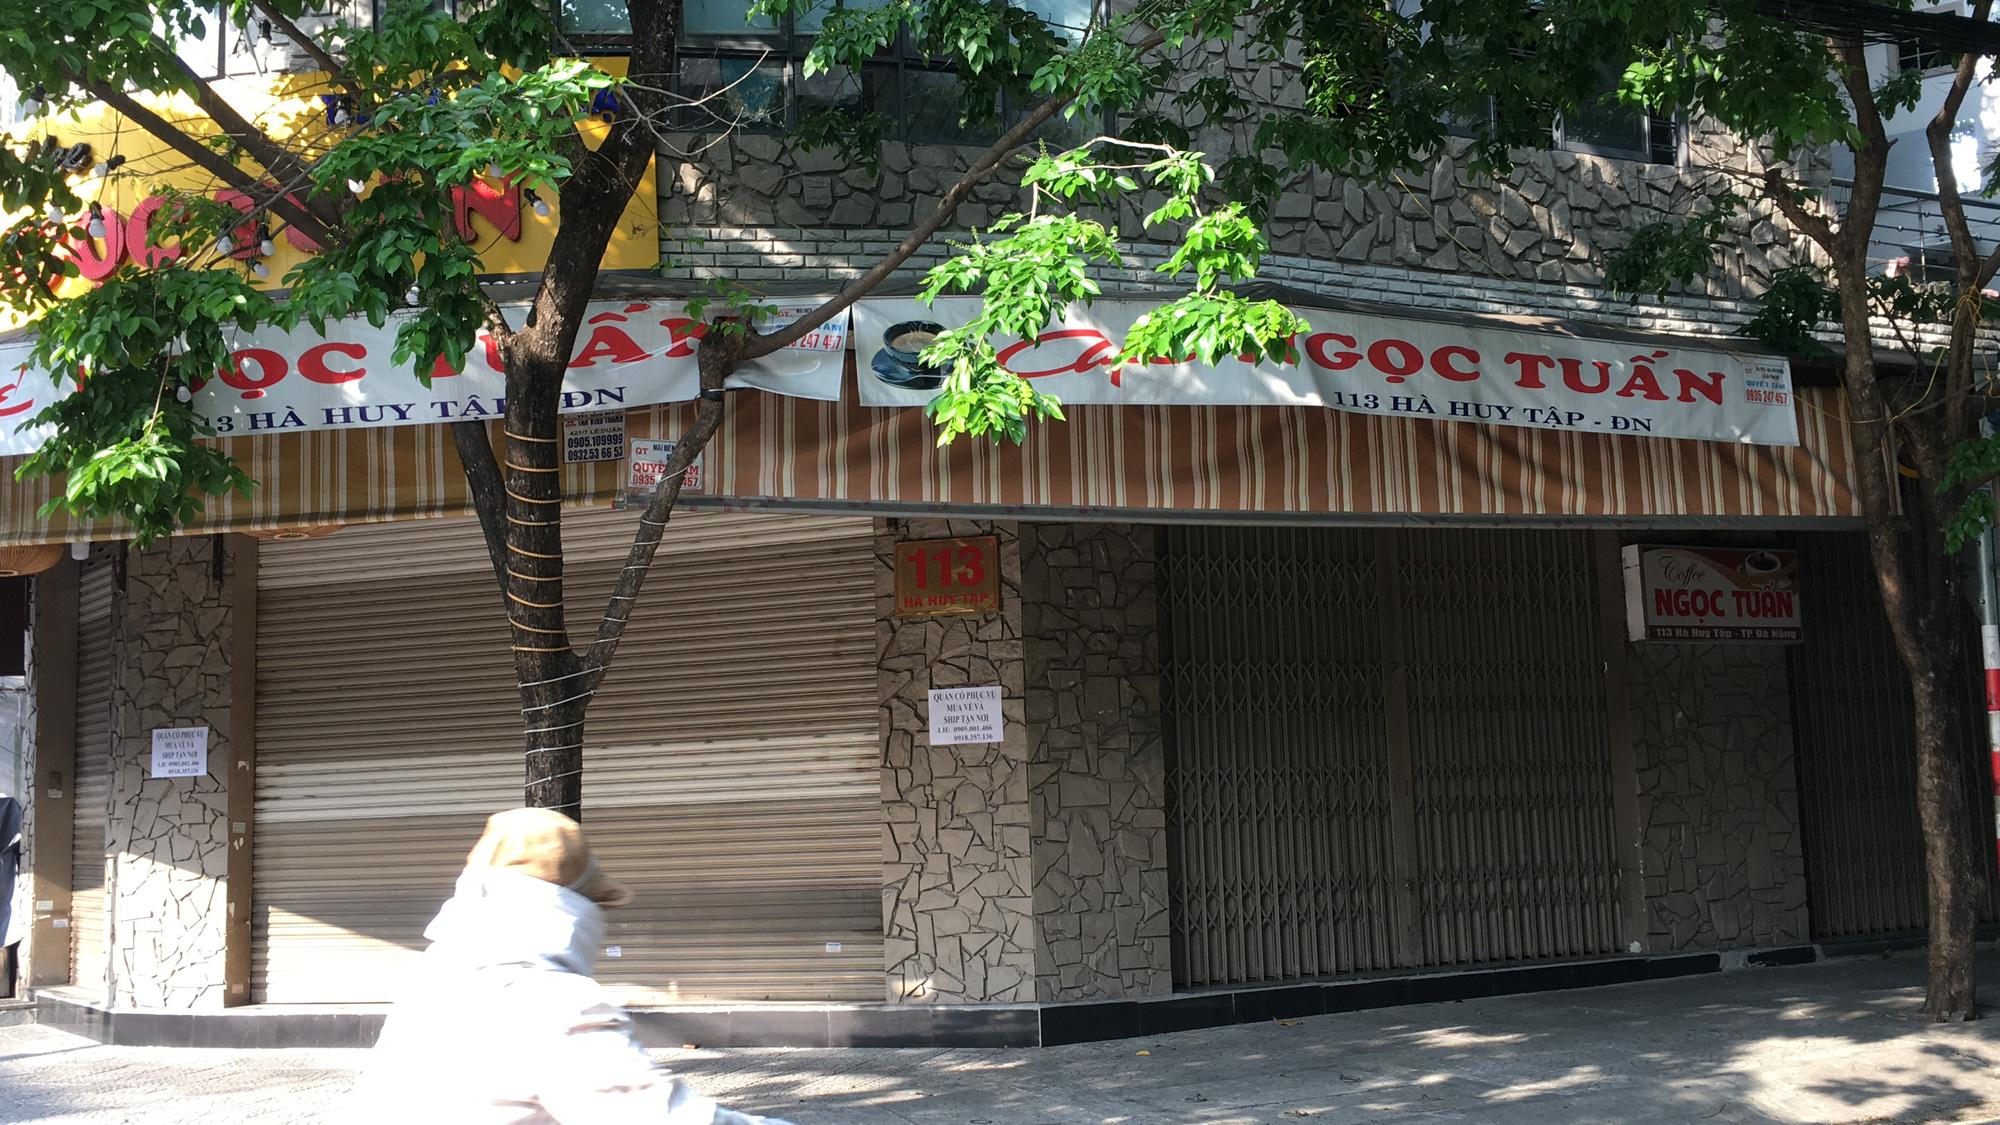 Từ quán cà phê, bánh ngọt đến trà sữa ở Đà Nẵng dừng luôn việc bán online, mang đi khi chính quyền cấm - Ảnh 8.